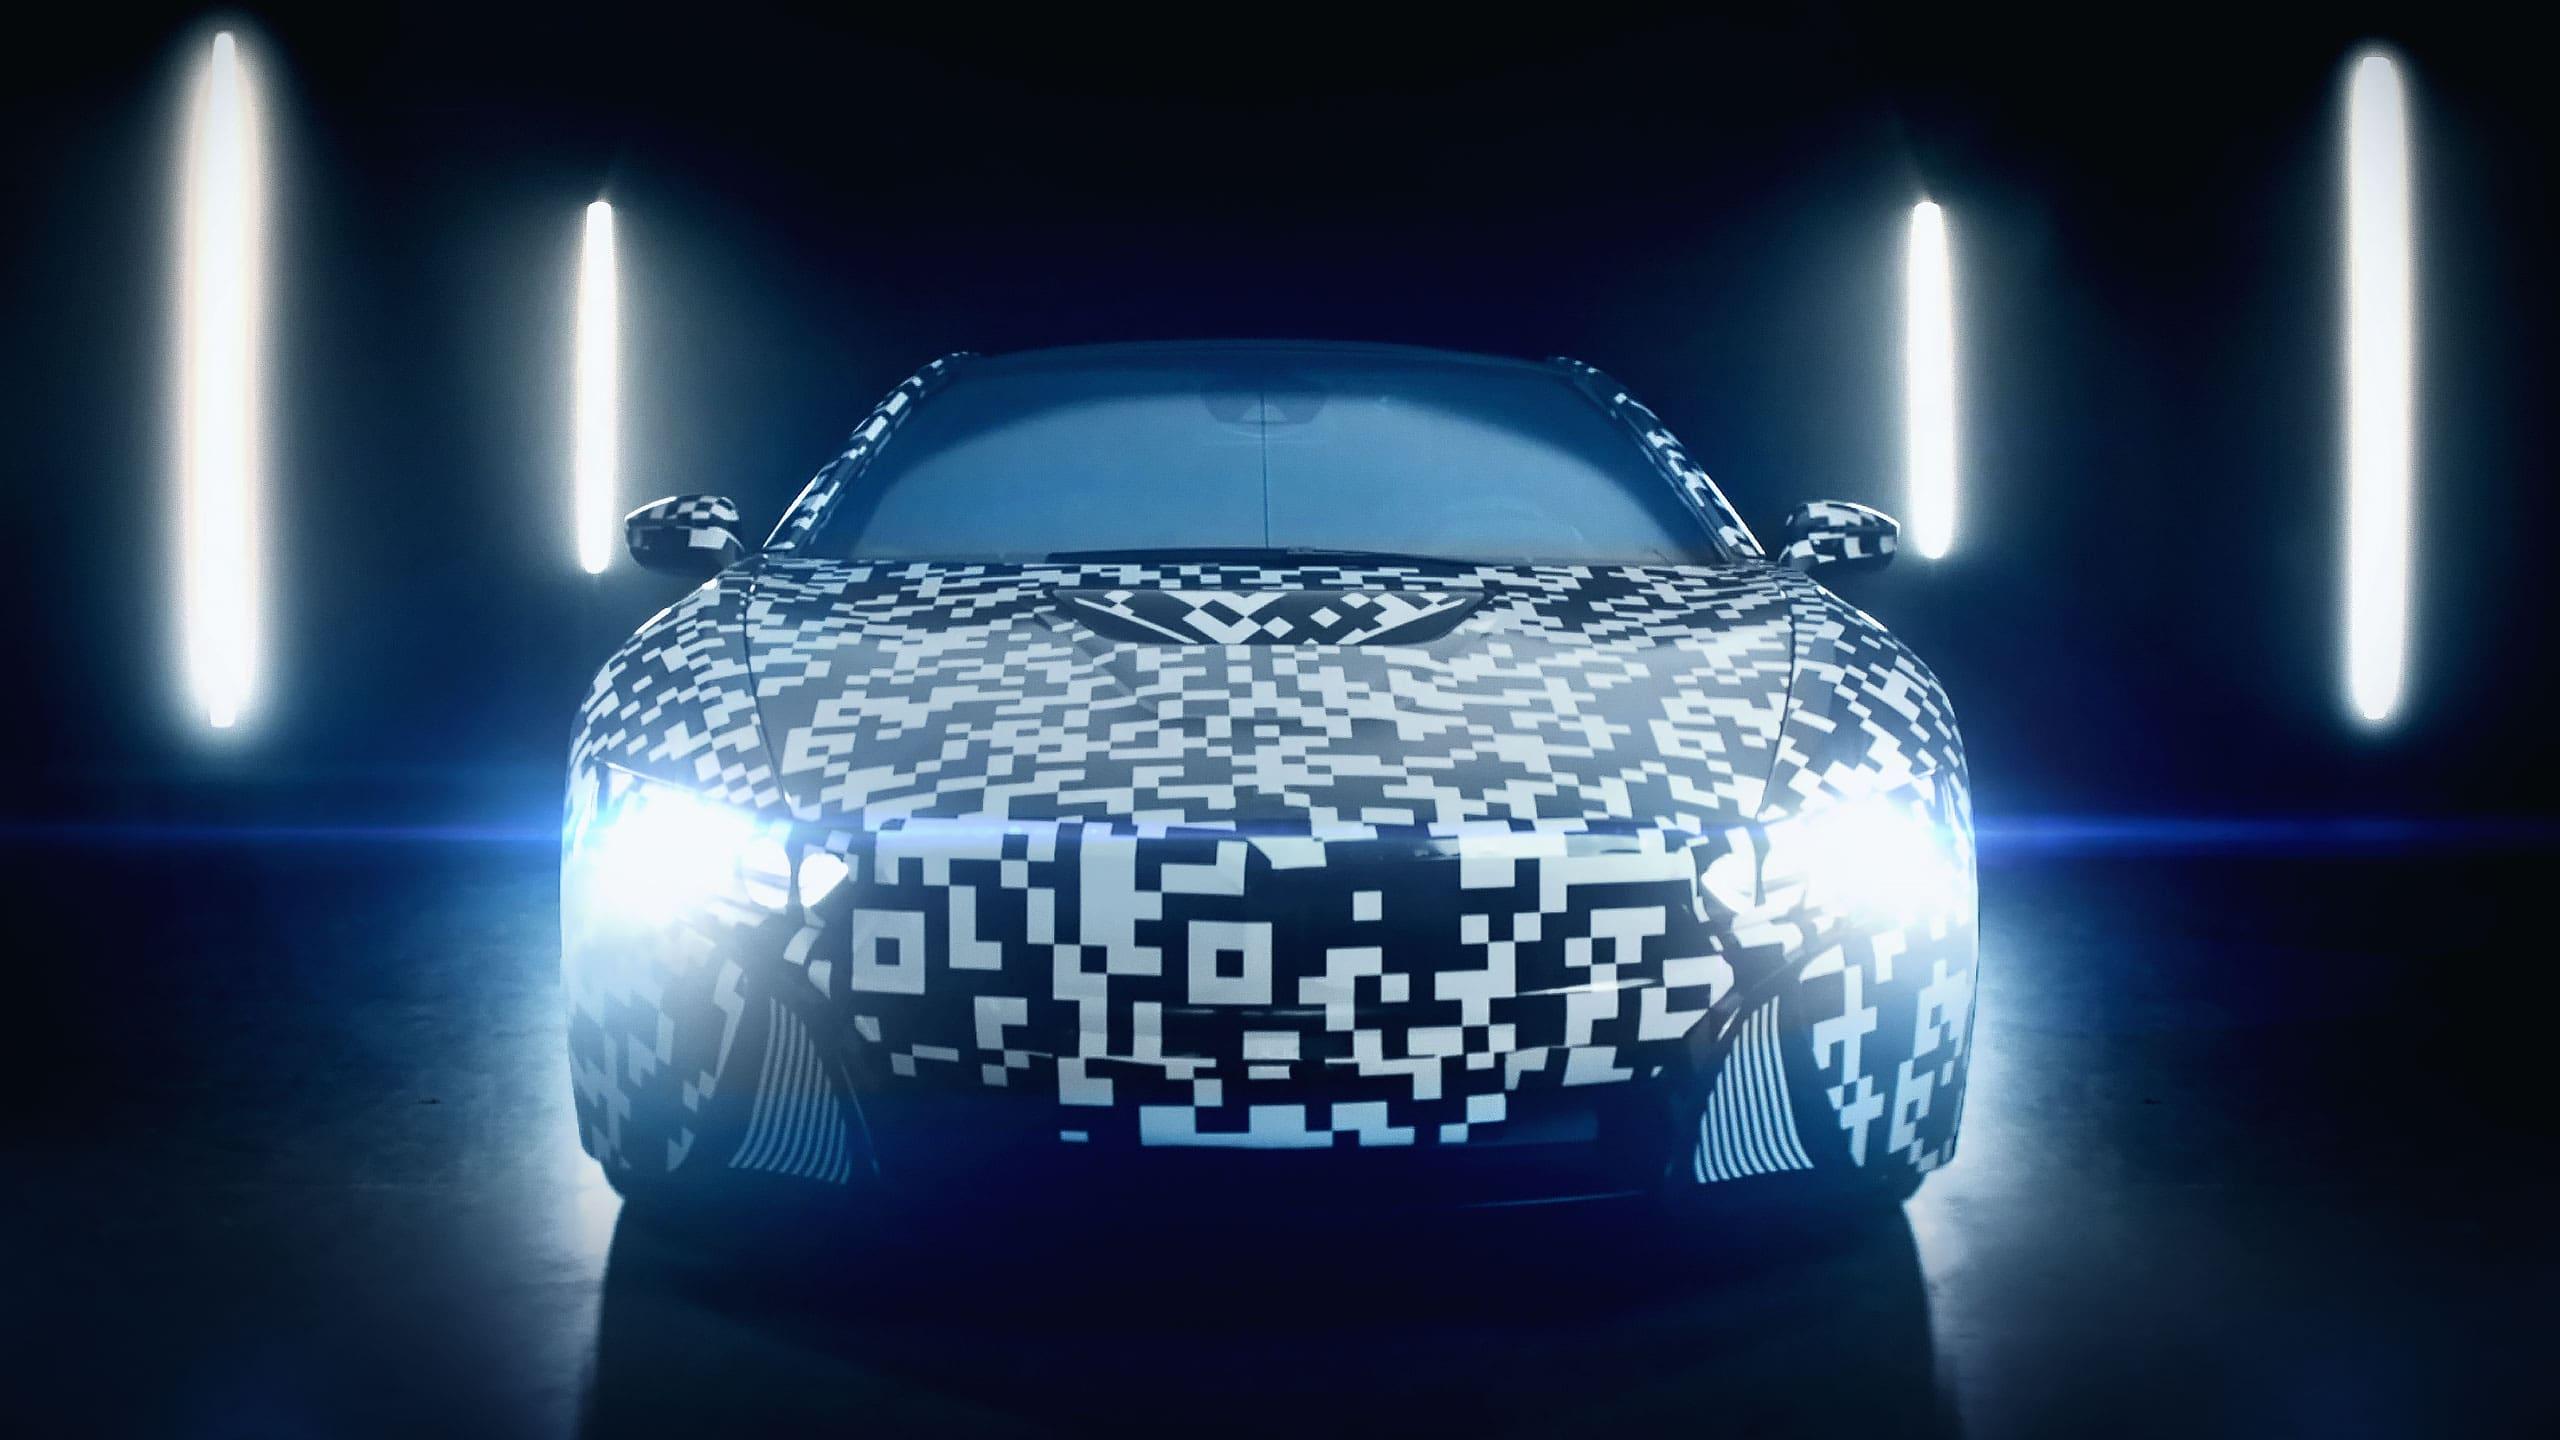 Prototype elektrische auto met camouflage in hangar voor film campagne Automotive